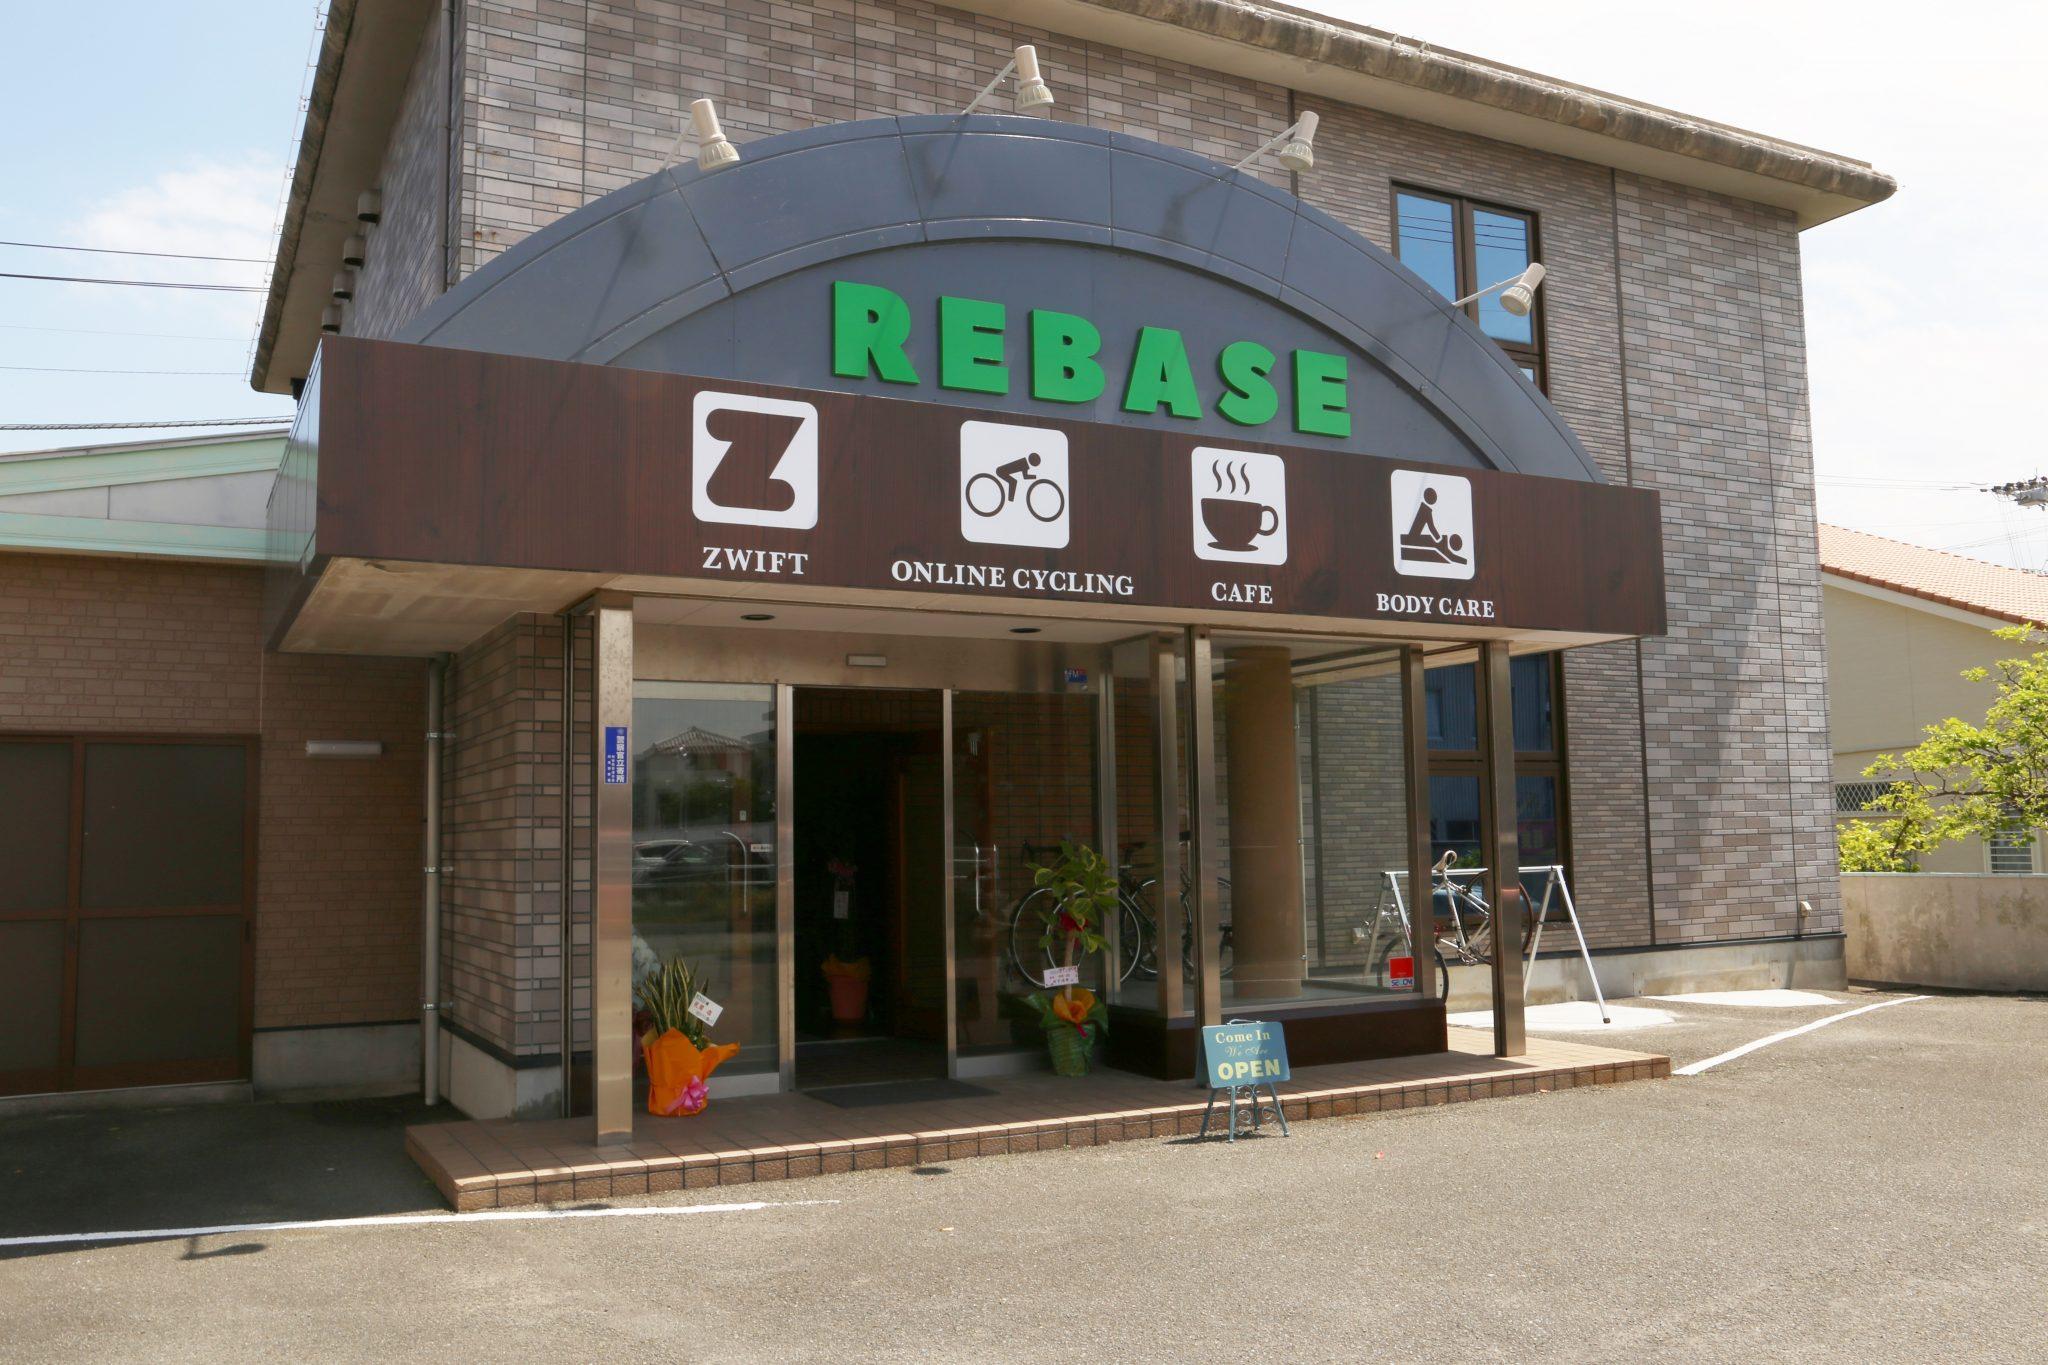 《阿南市/REBASE(リベース)》自転車好きよ、集まれ! 室内サイクリングが可能なカフェ